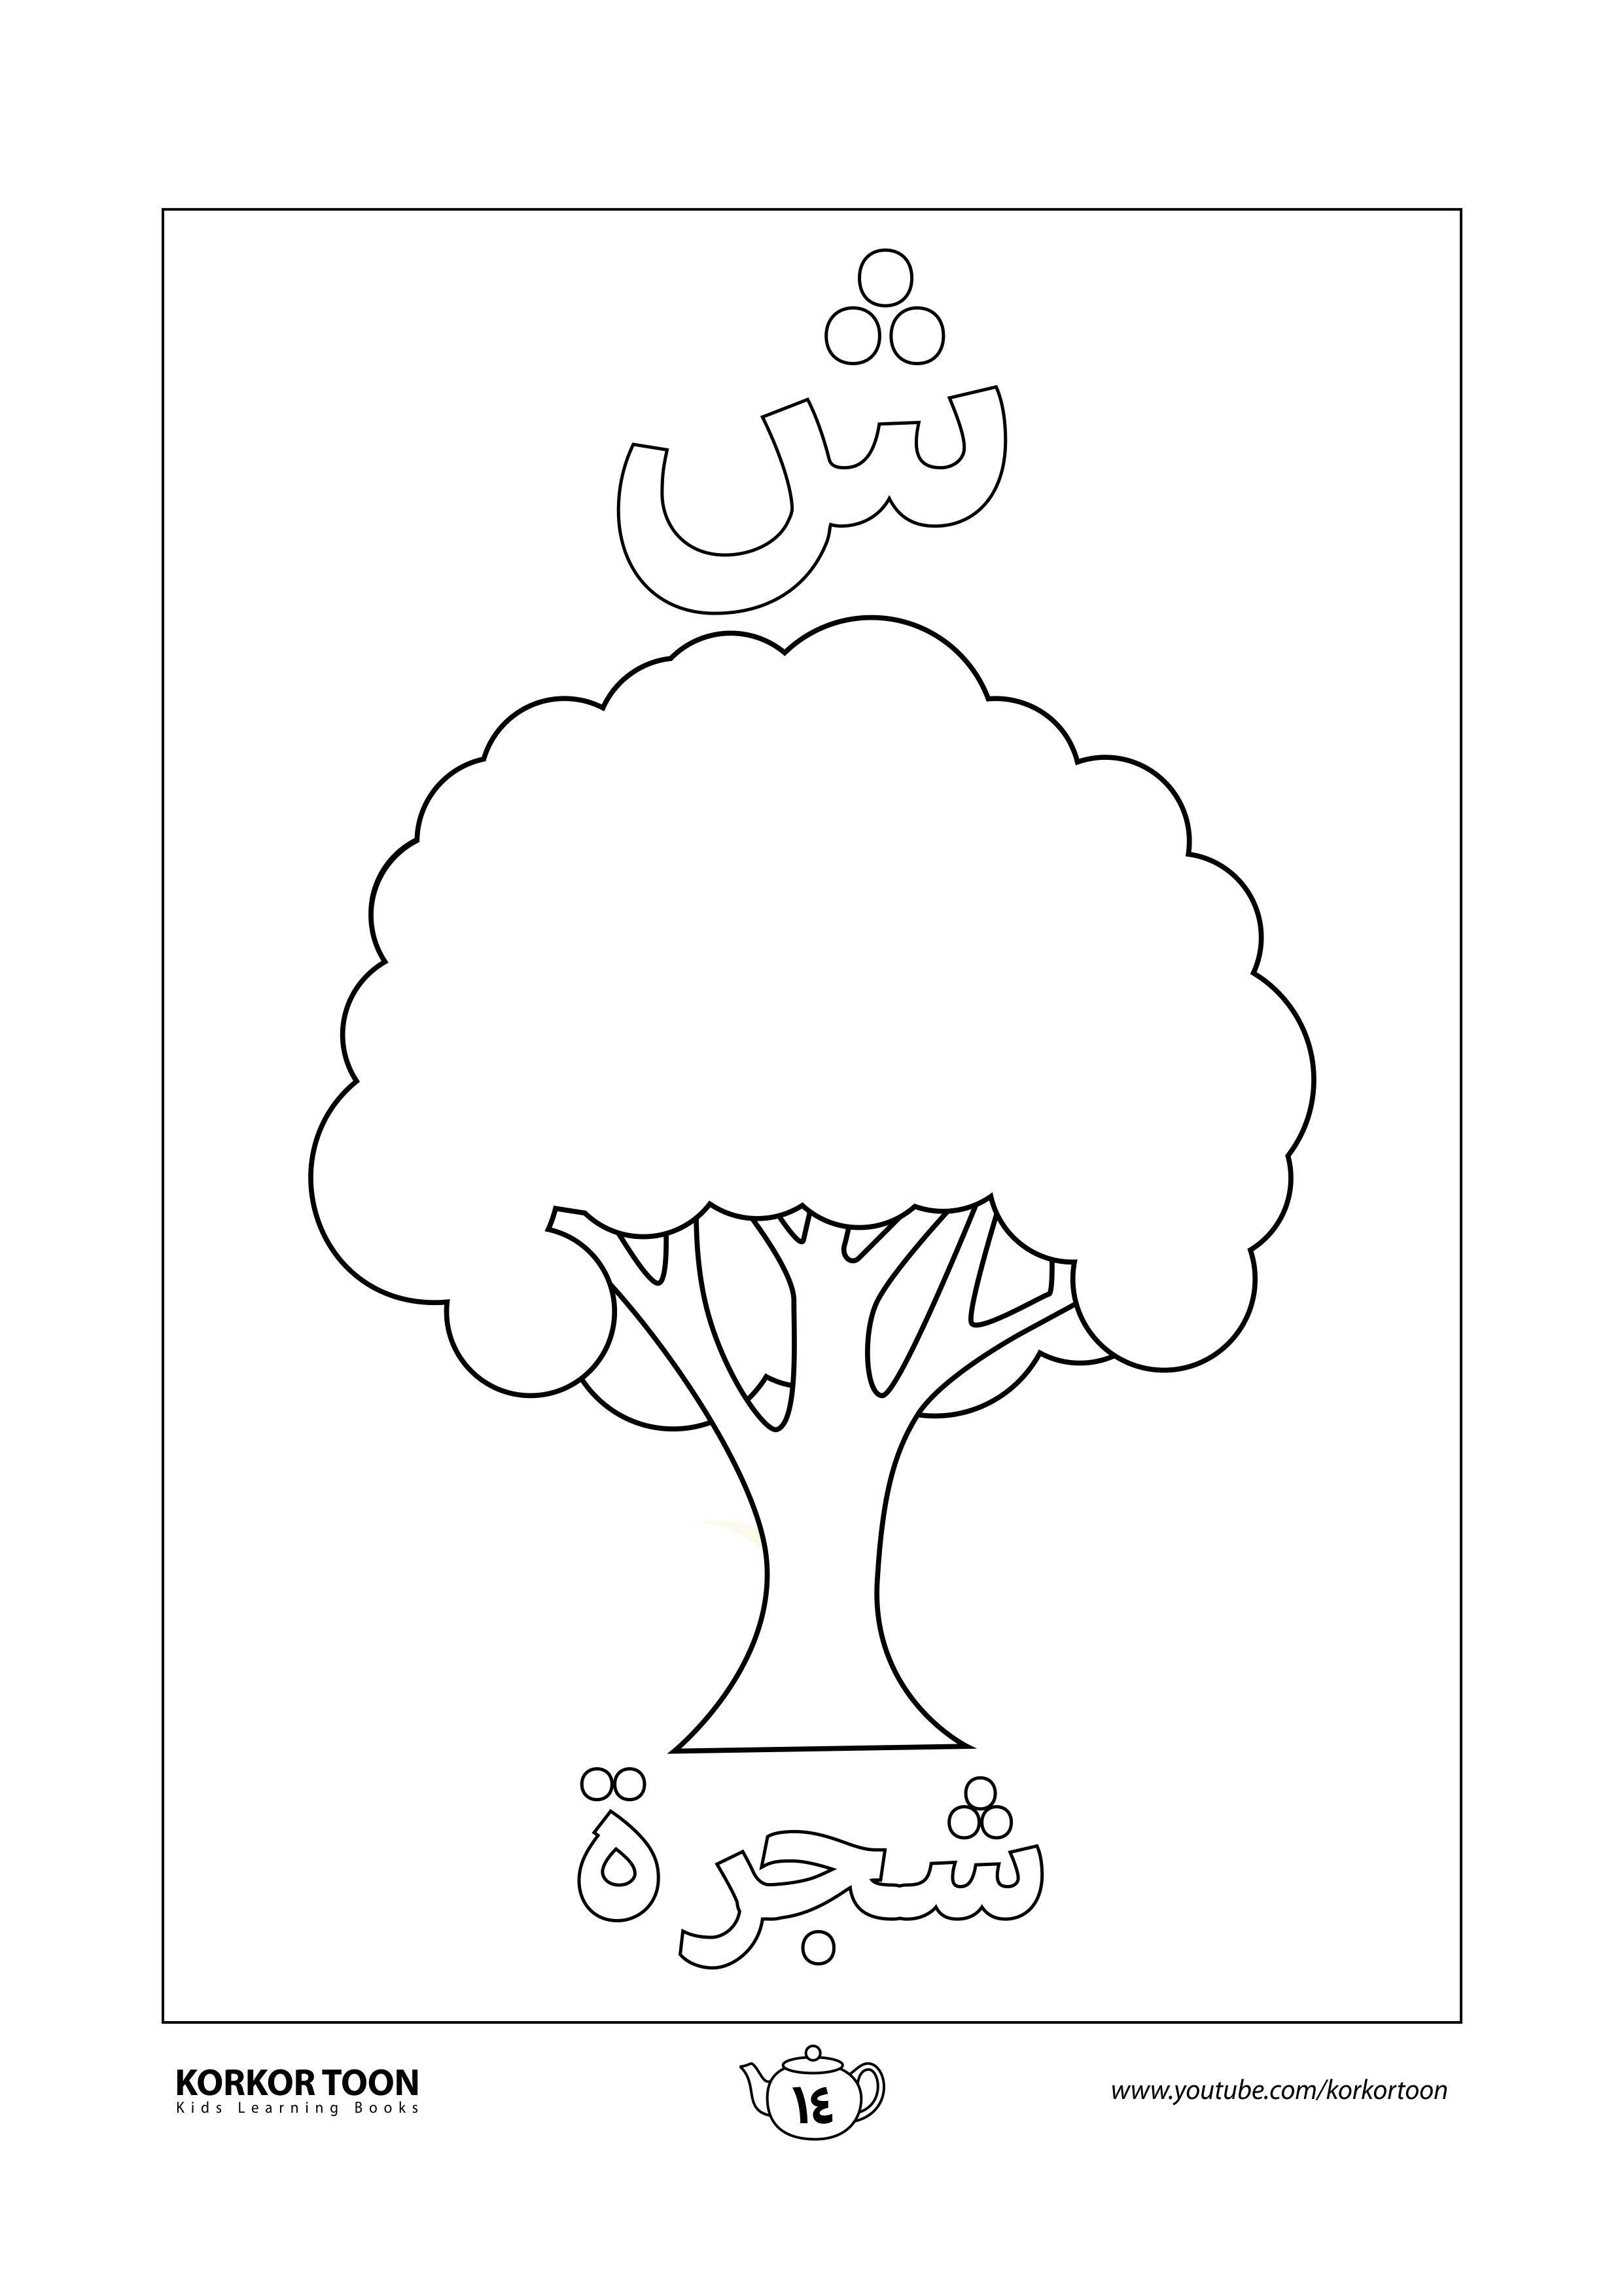 صفحة تلوين حرف الشين كتاب تلوين الحروف العربية للأطفال Home Decor Decals Crafts Acrylic Art